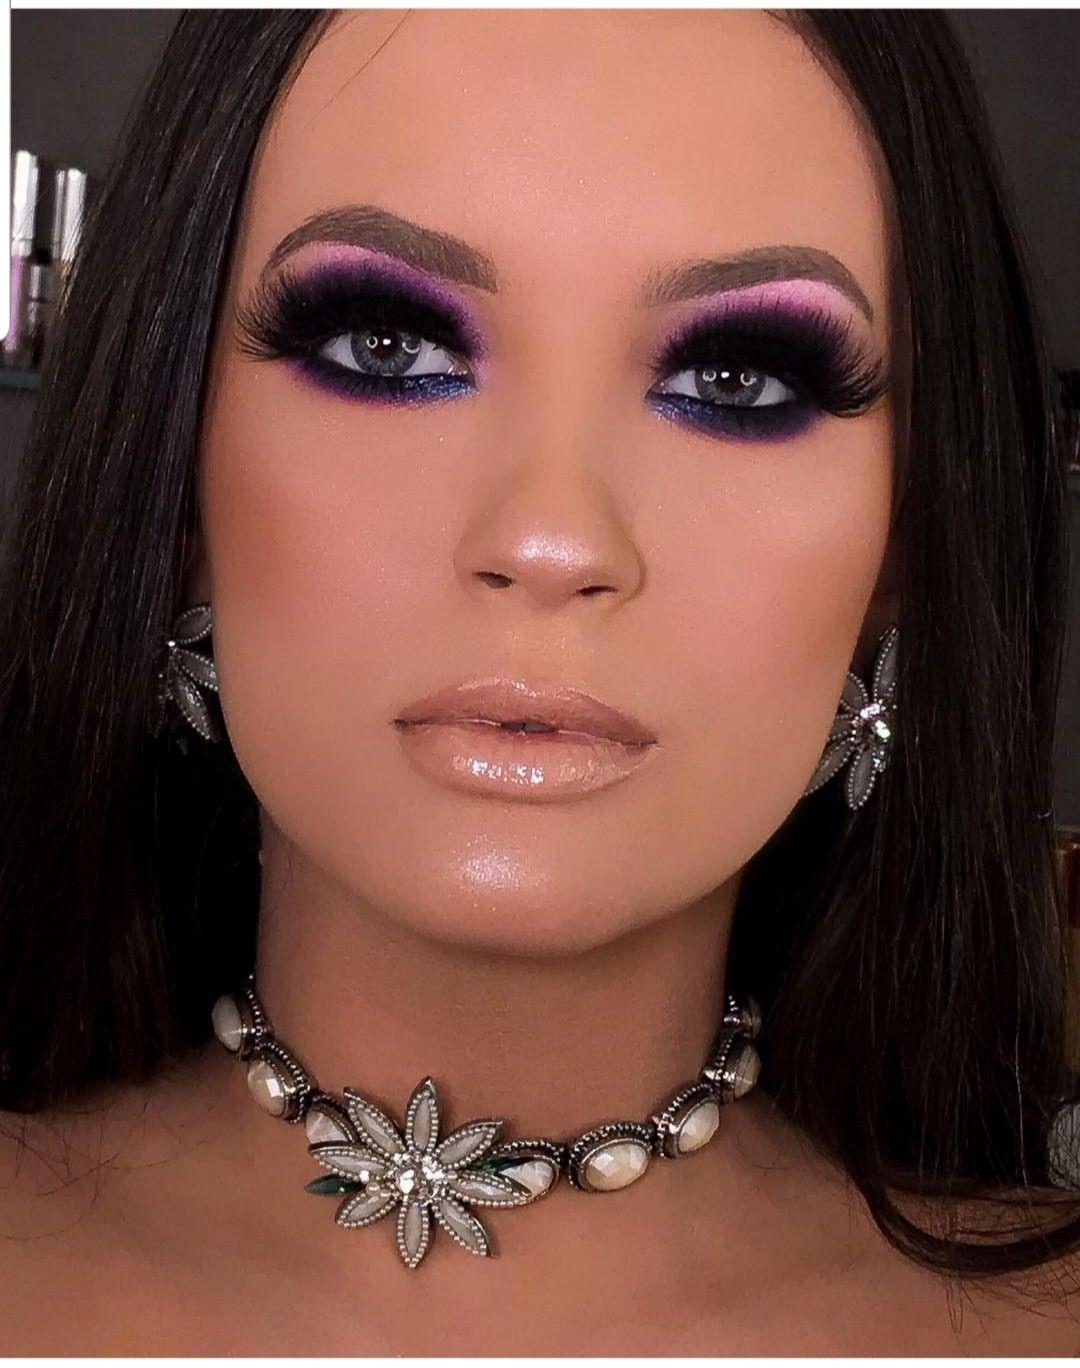 Pin de valeria barcos em Makeup Maquiagem, Blogueiras